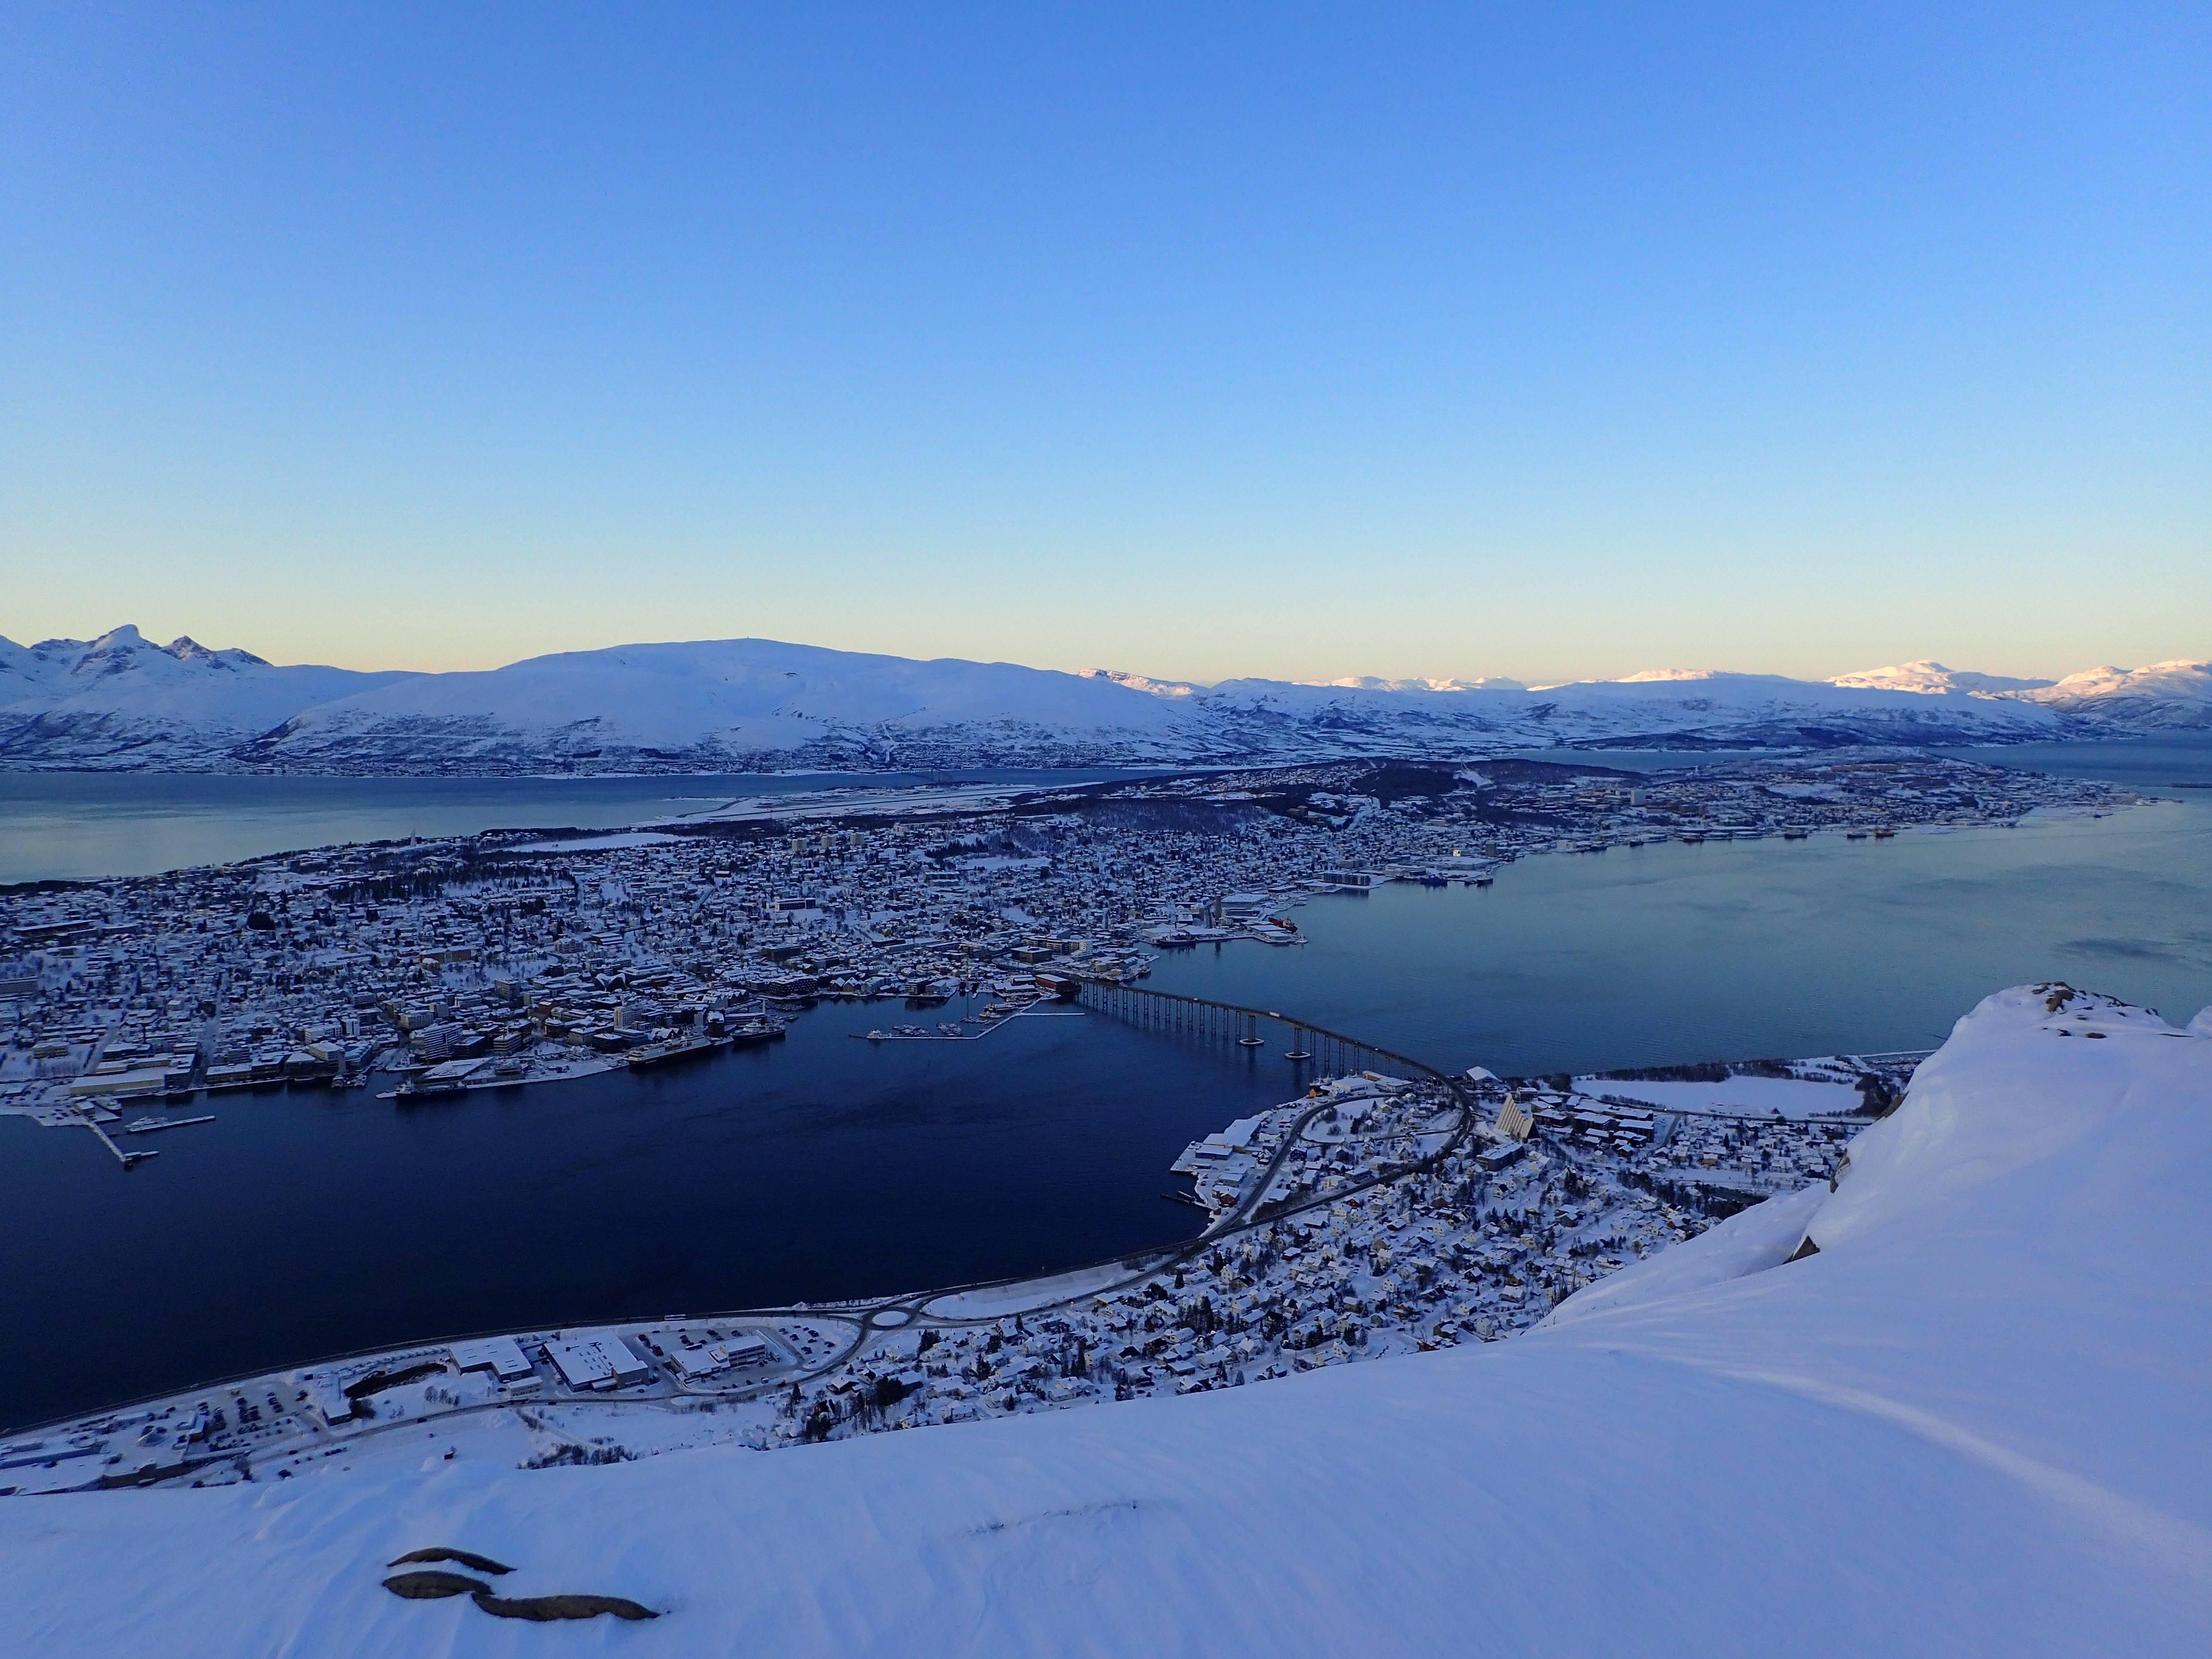 Photo 2: Tromso, ville portuaire de Laponie Norvegienne, avec un funiculaire pour voir son île